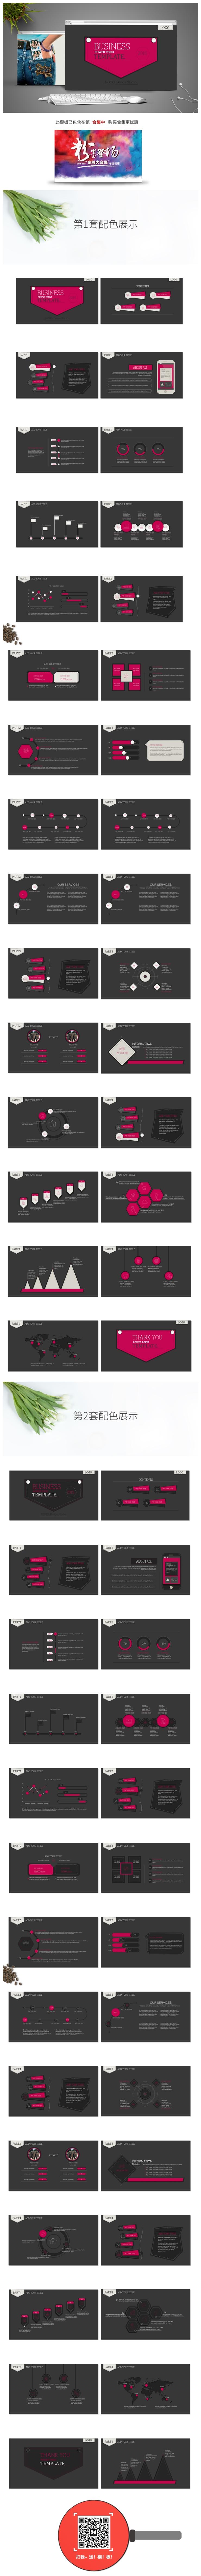 【神秘炫酷】58页时尚黑炫创意商务风汇报PPT模板(2套)——| BY MOMO |